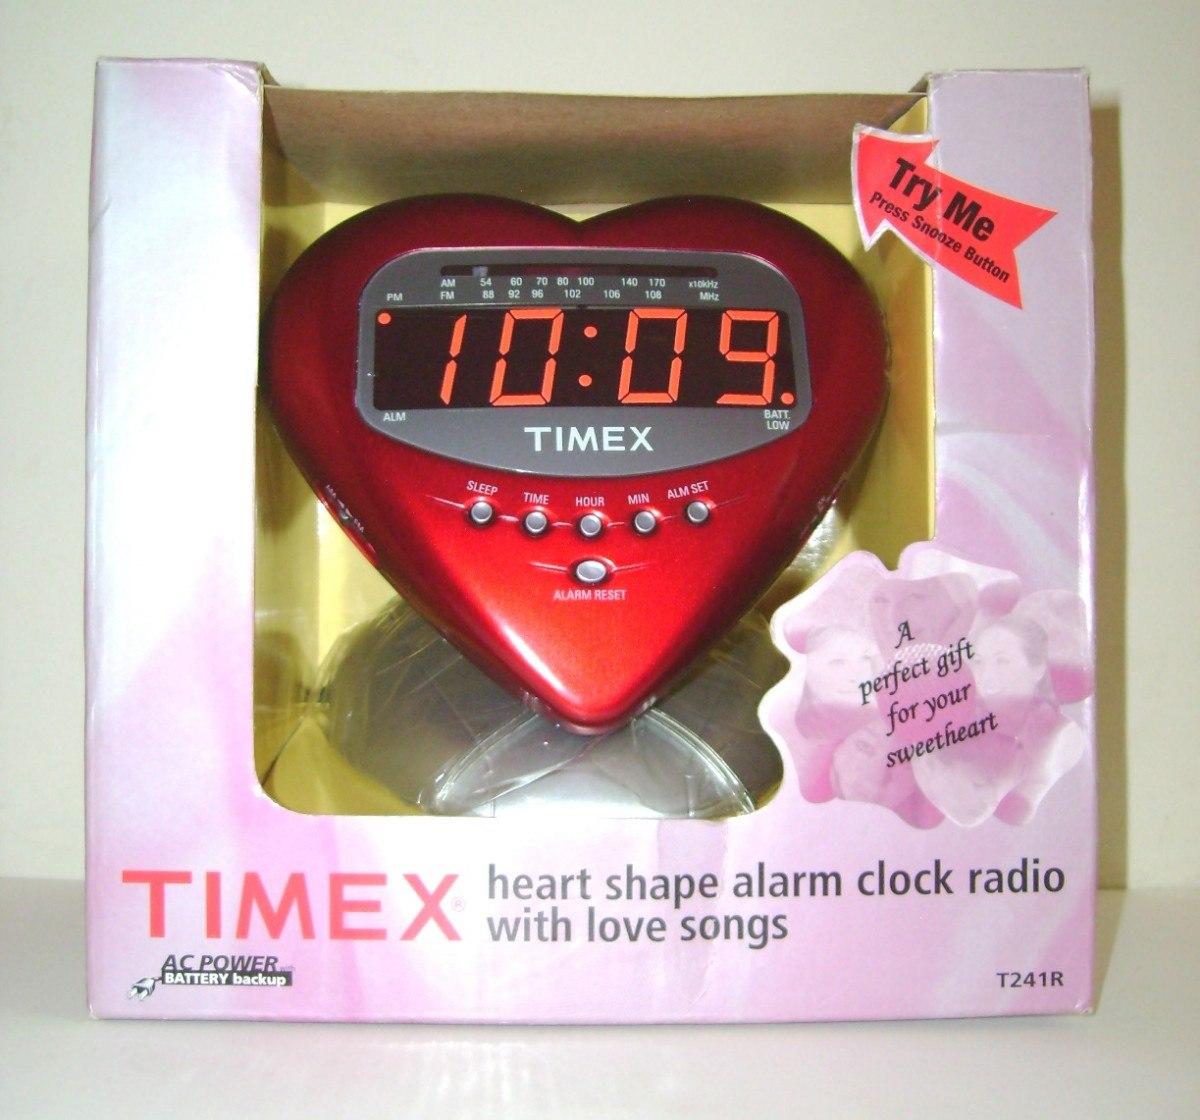 78ca2d8e992c Radio Reloj Despertador Timex Con Canciones De Amor -   579.00 en ...